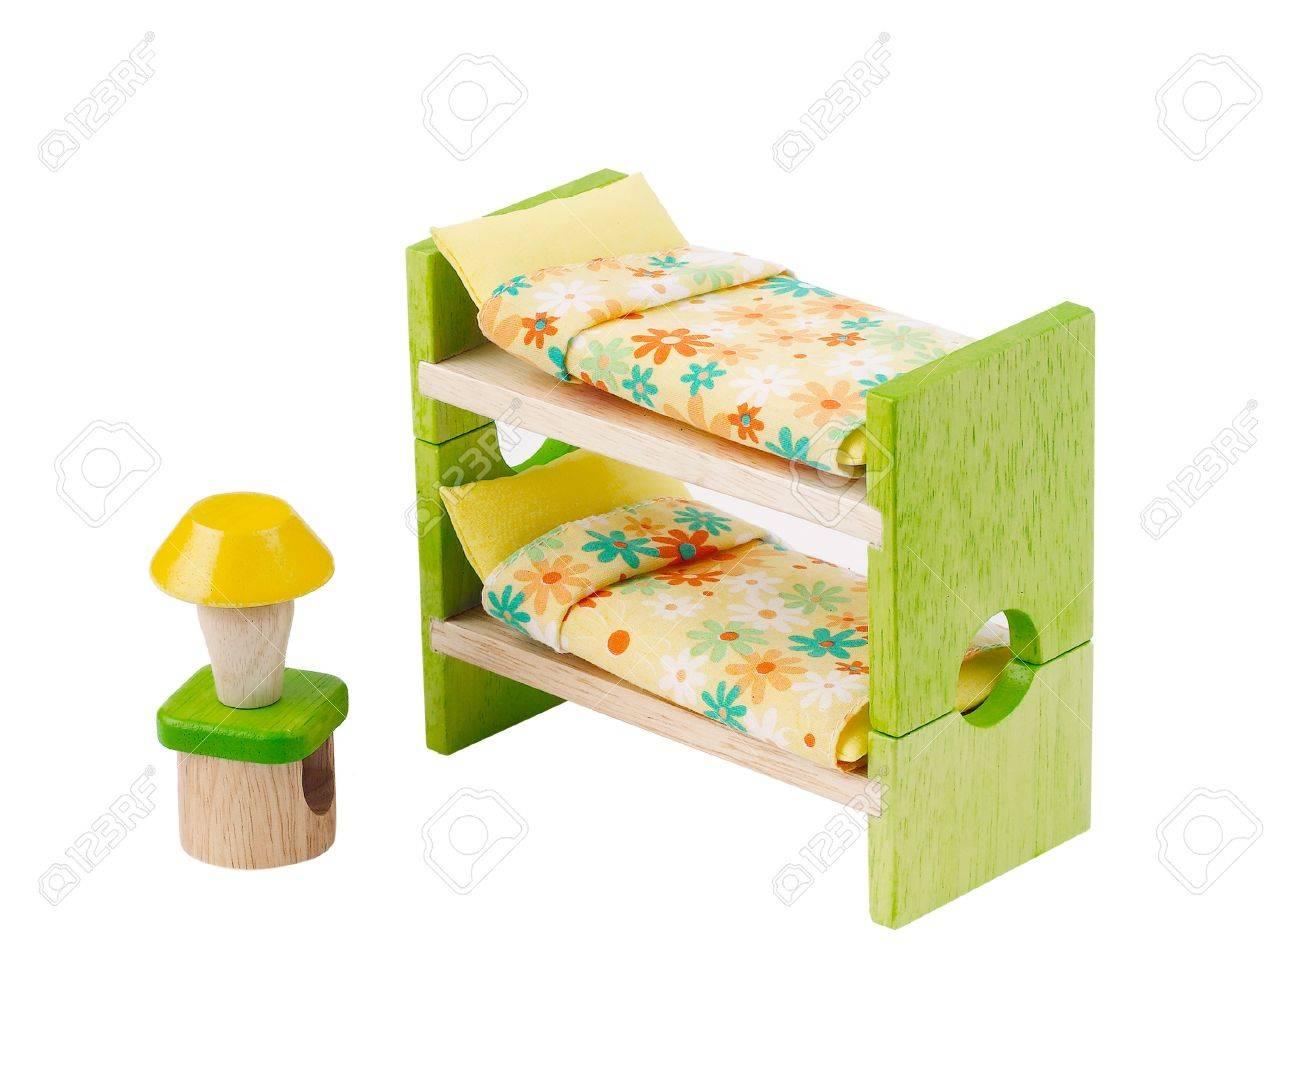 A Para Que Cama Madera Niños Muebles Aprenden Juguete Cthdqrsx Los De La zMpqSVGU